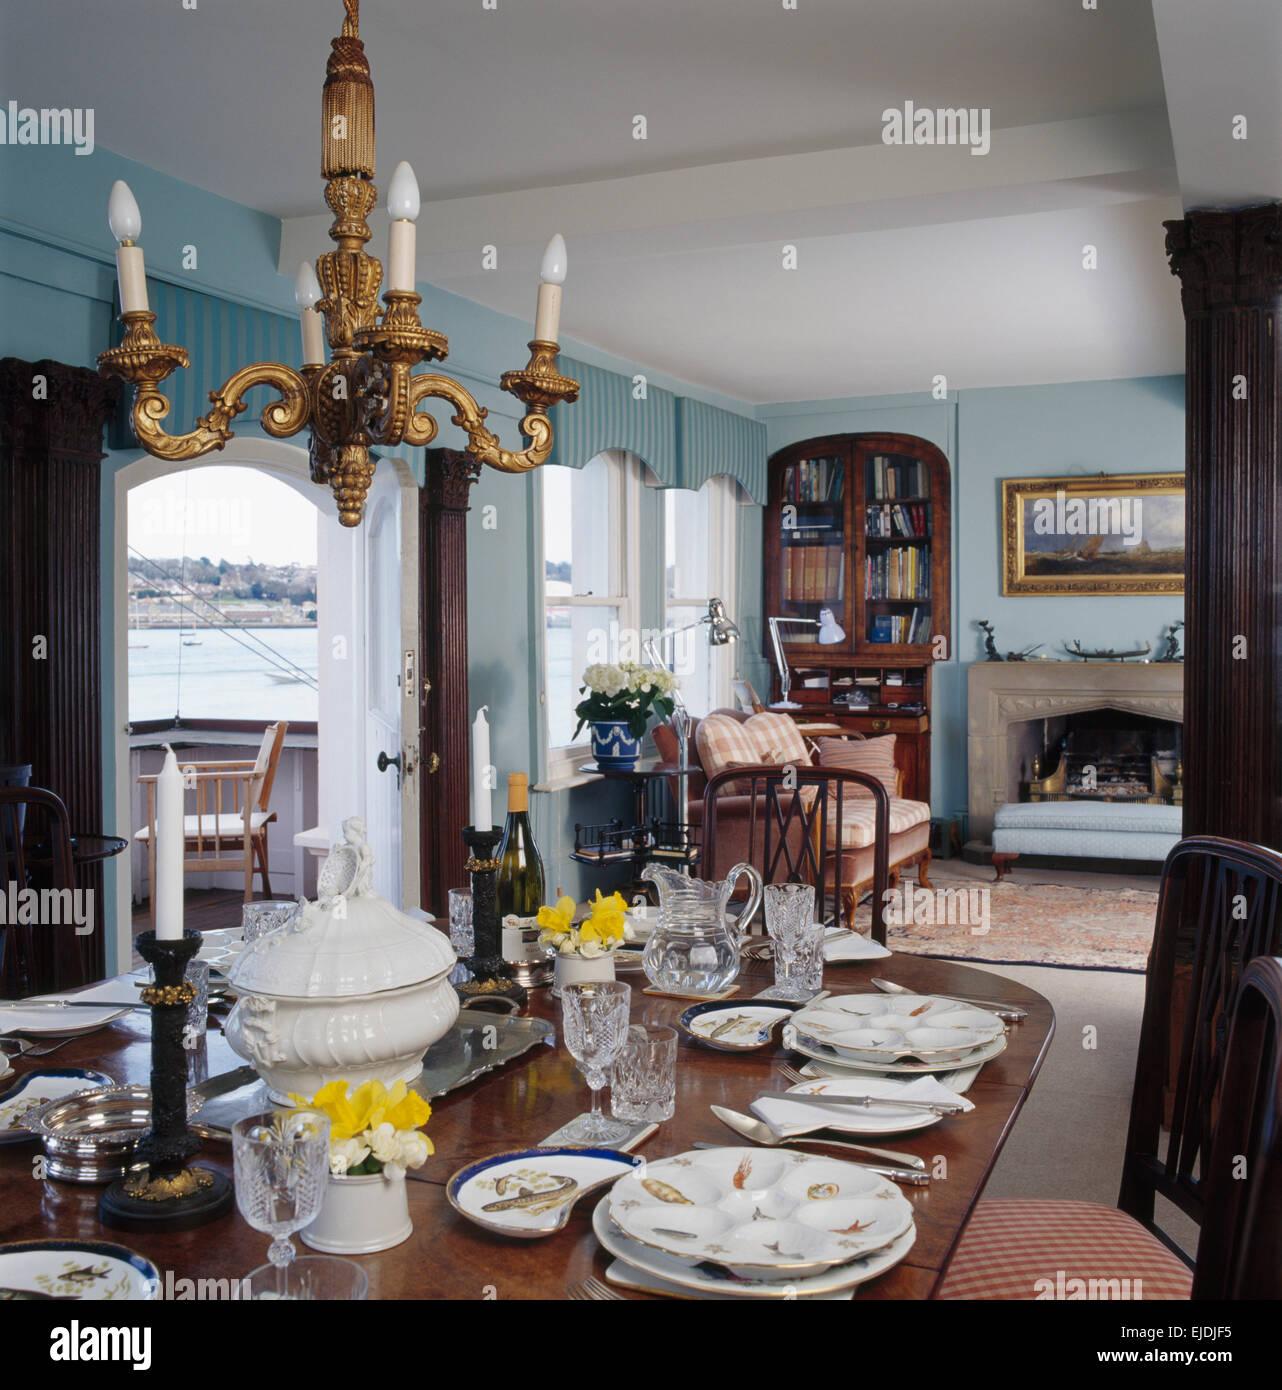 Merveilleux Set De Table Pour Le Déjeuner Dans La Salle à Manger Avec Côtières Bleu  Lustre Doré